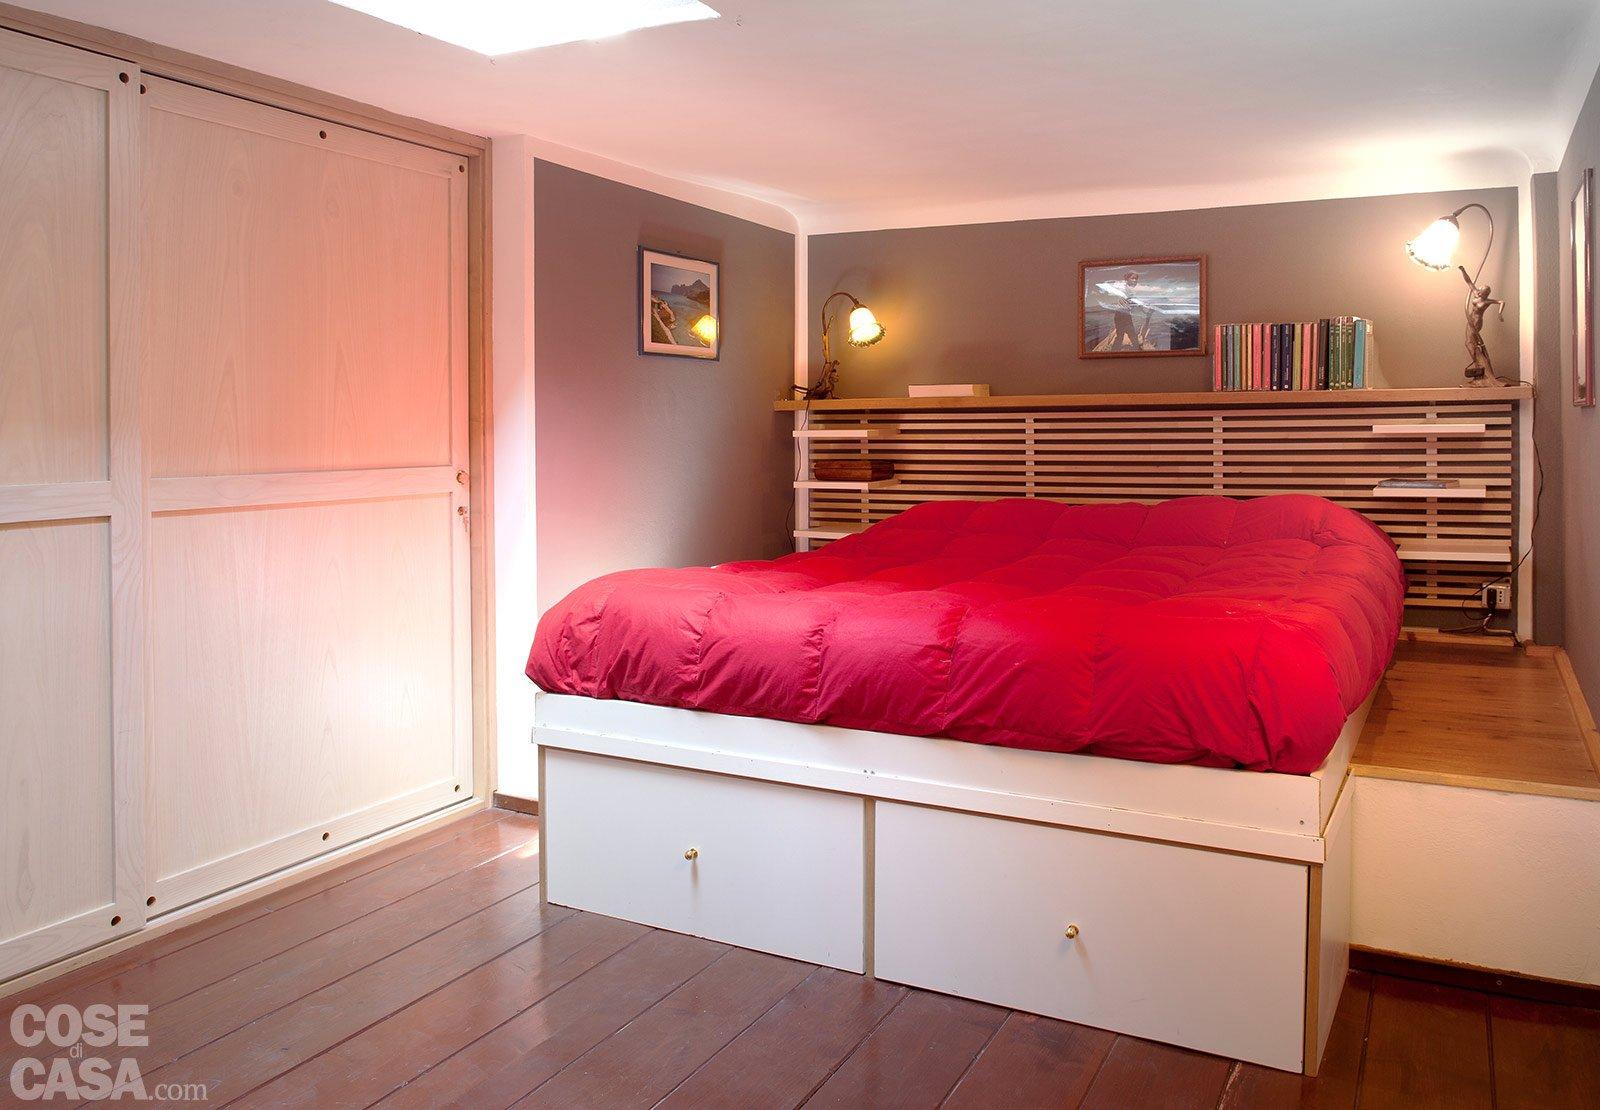 Casabook immobiliare loft una casa rinnovata con tante idee - Un letto in una nicchia ...